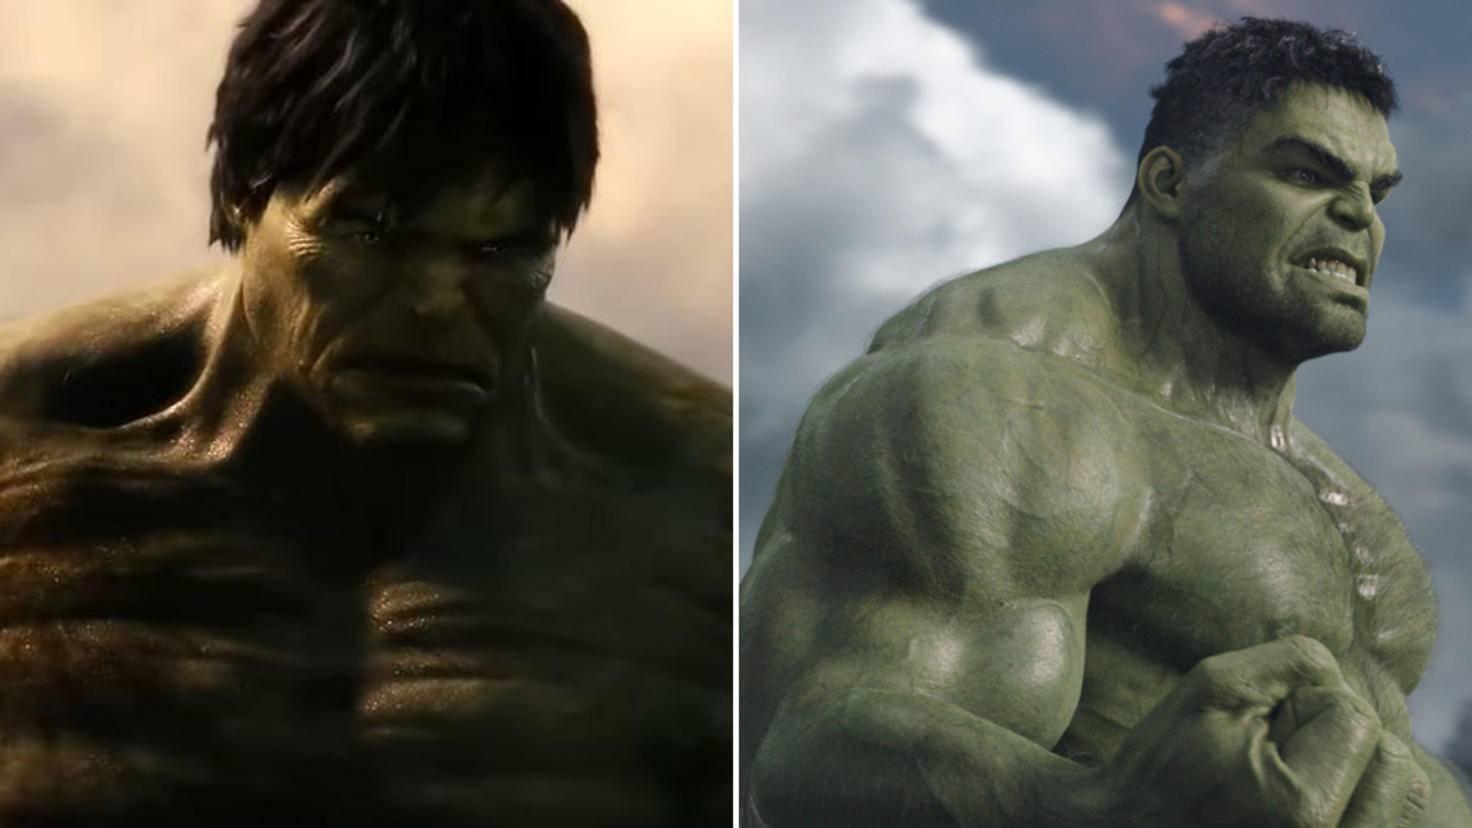 Hulk Edward Norton vs Mark Ruffalo